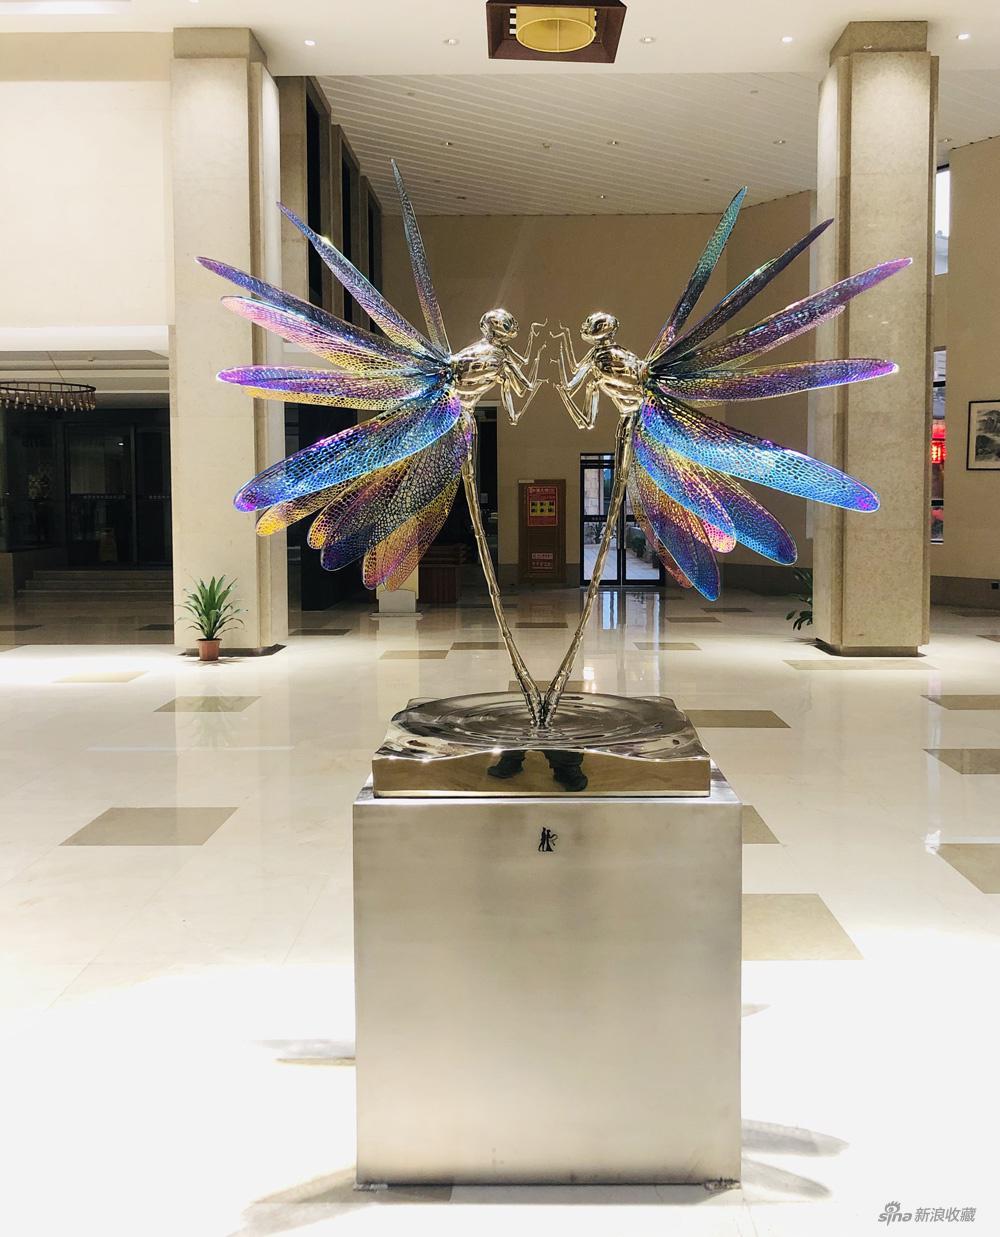 高孝午 再生-蜻蜓 不銹鋼鍍160x70x132cm 2020